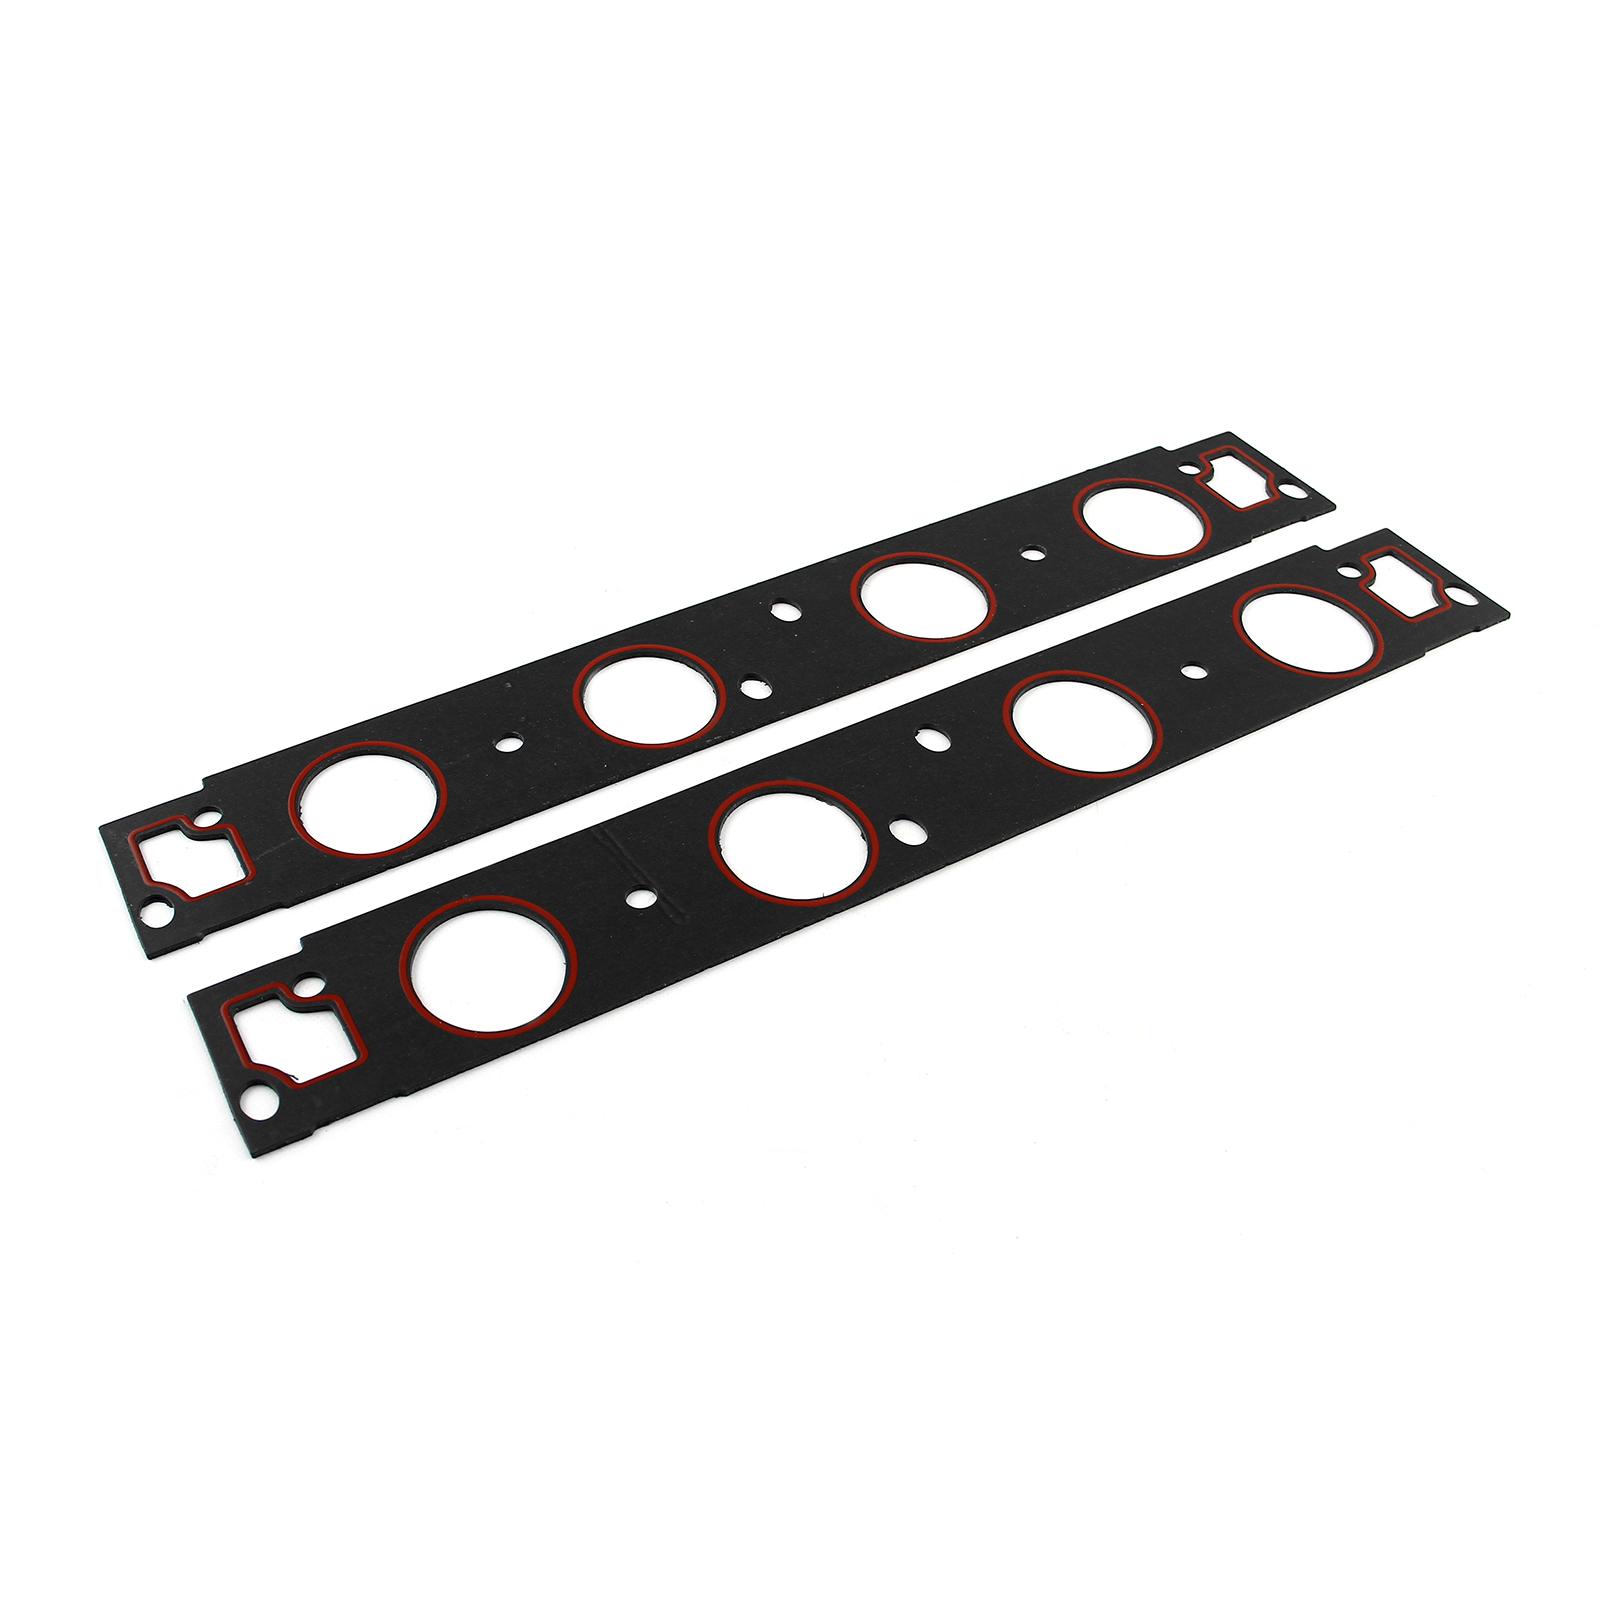 """Ford 429 460 Intake Manifold Gasket Set (1230) 2.26"""" x1.98"""" x0.060"""""""